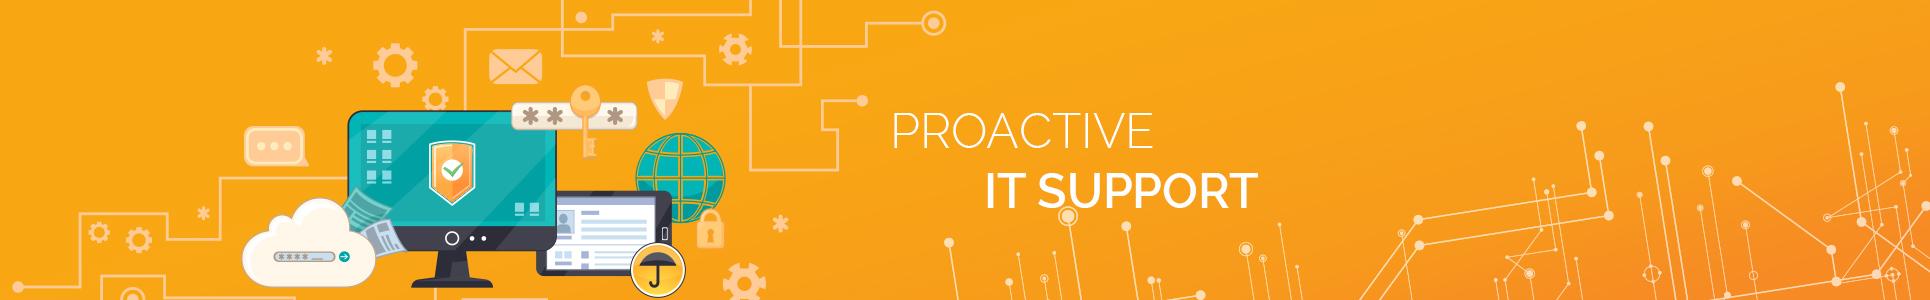 proactive banner